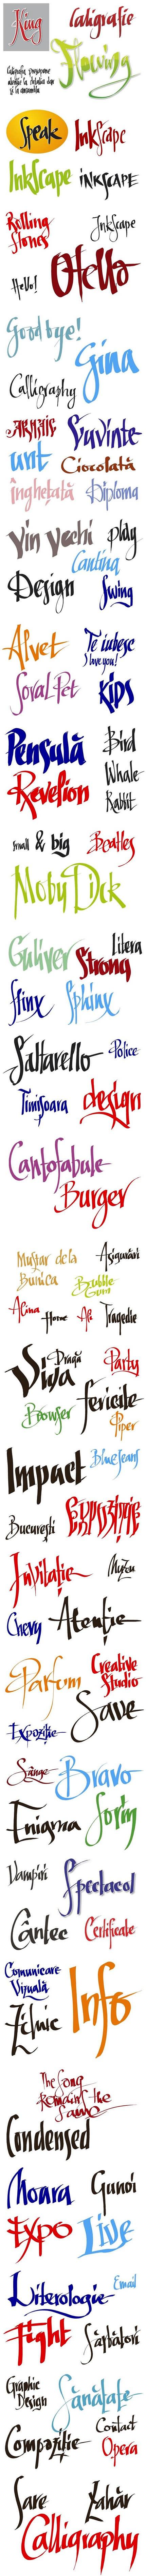 Exercitii de caligrafie vectoriala, in Inkscape, create de Florin Florea.